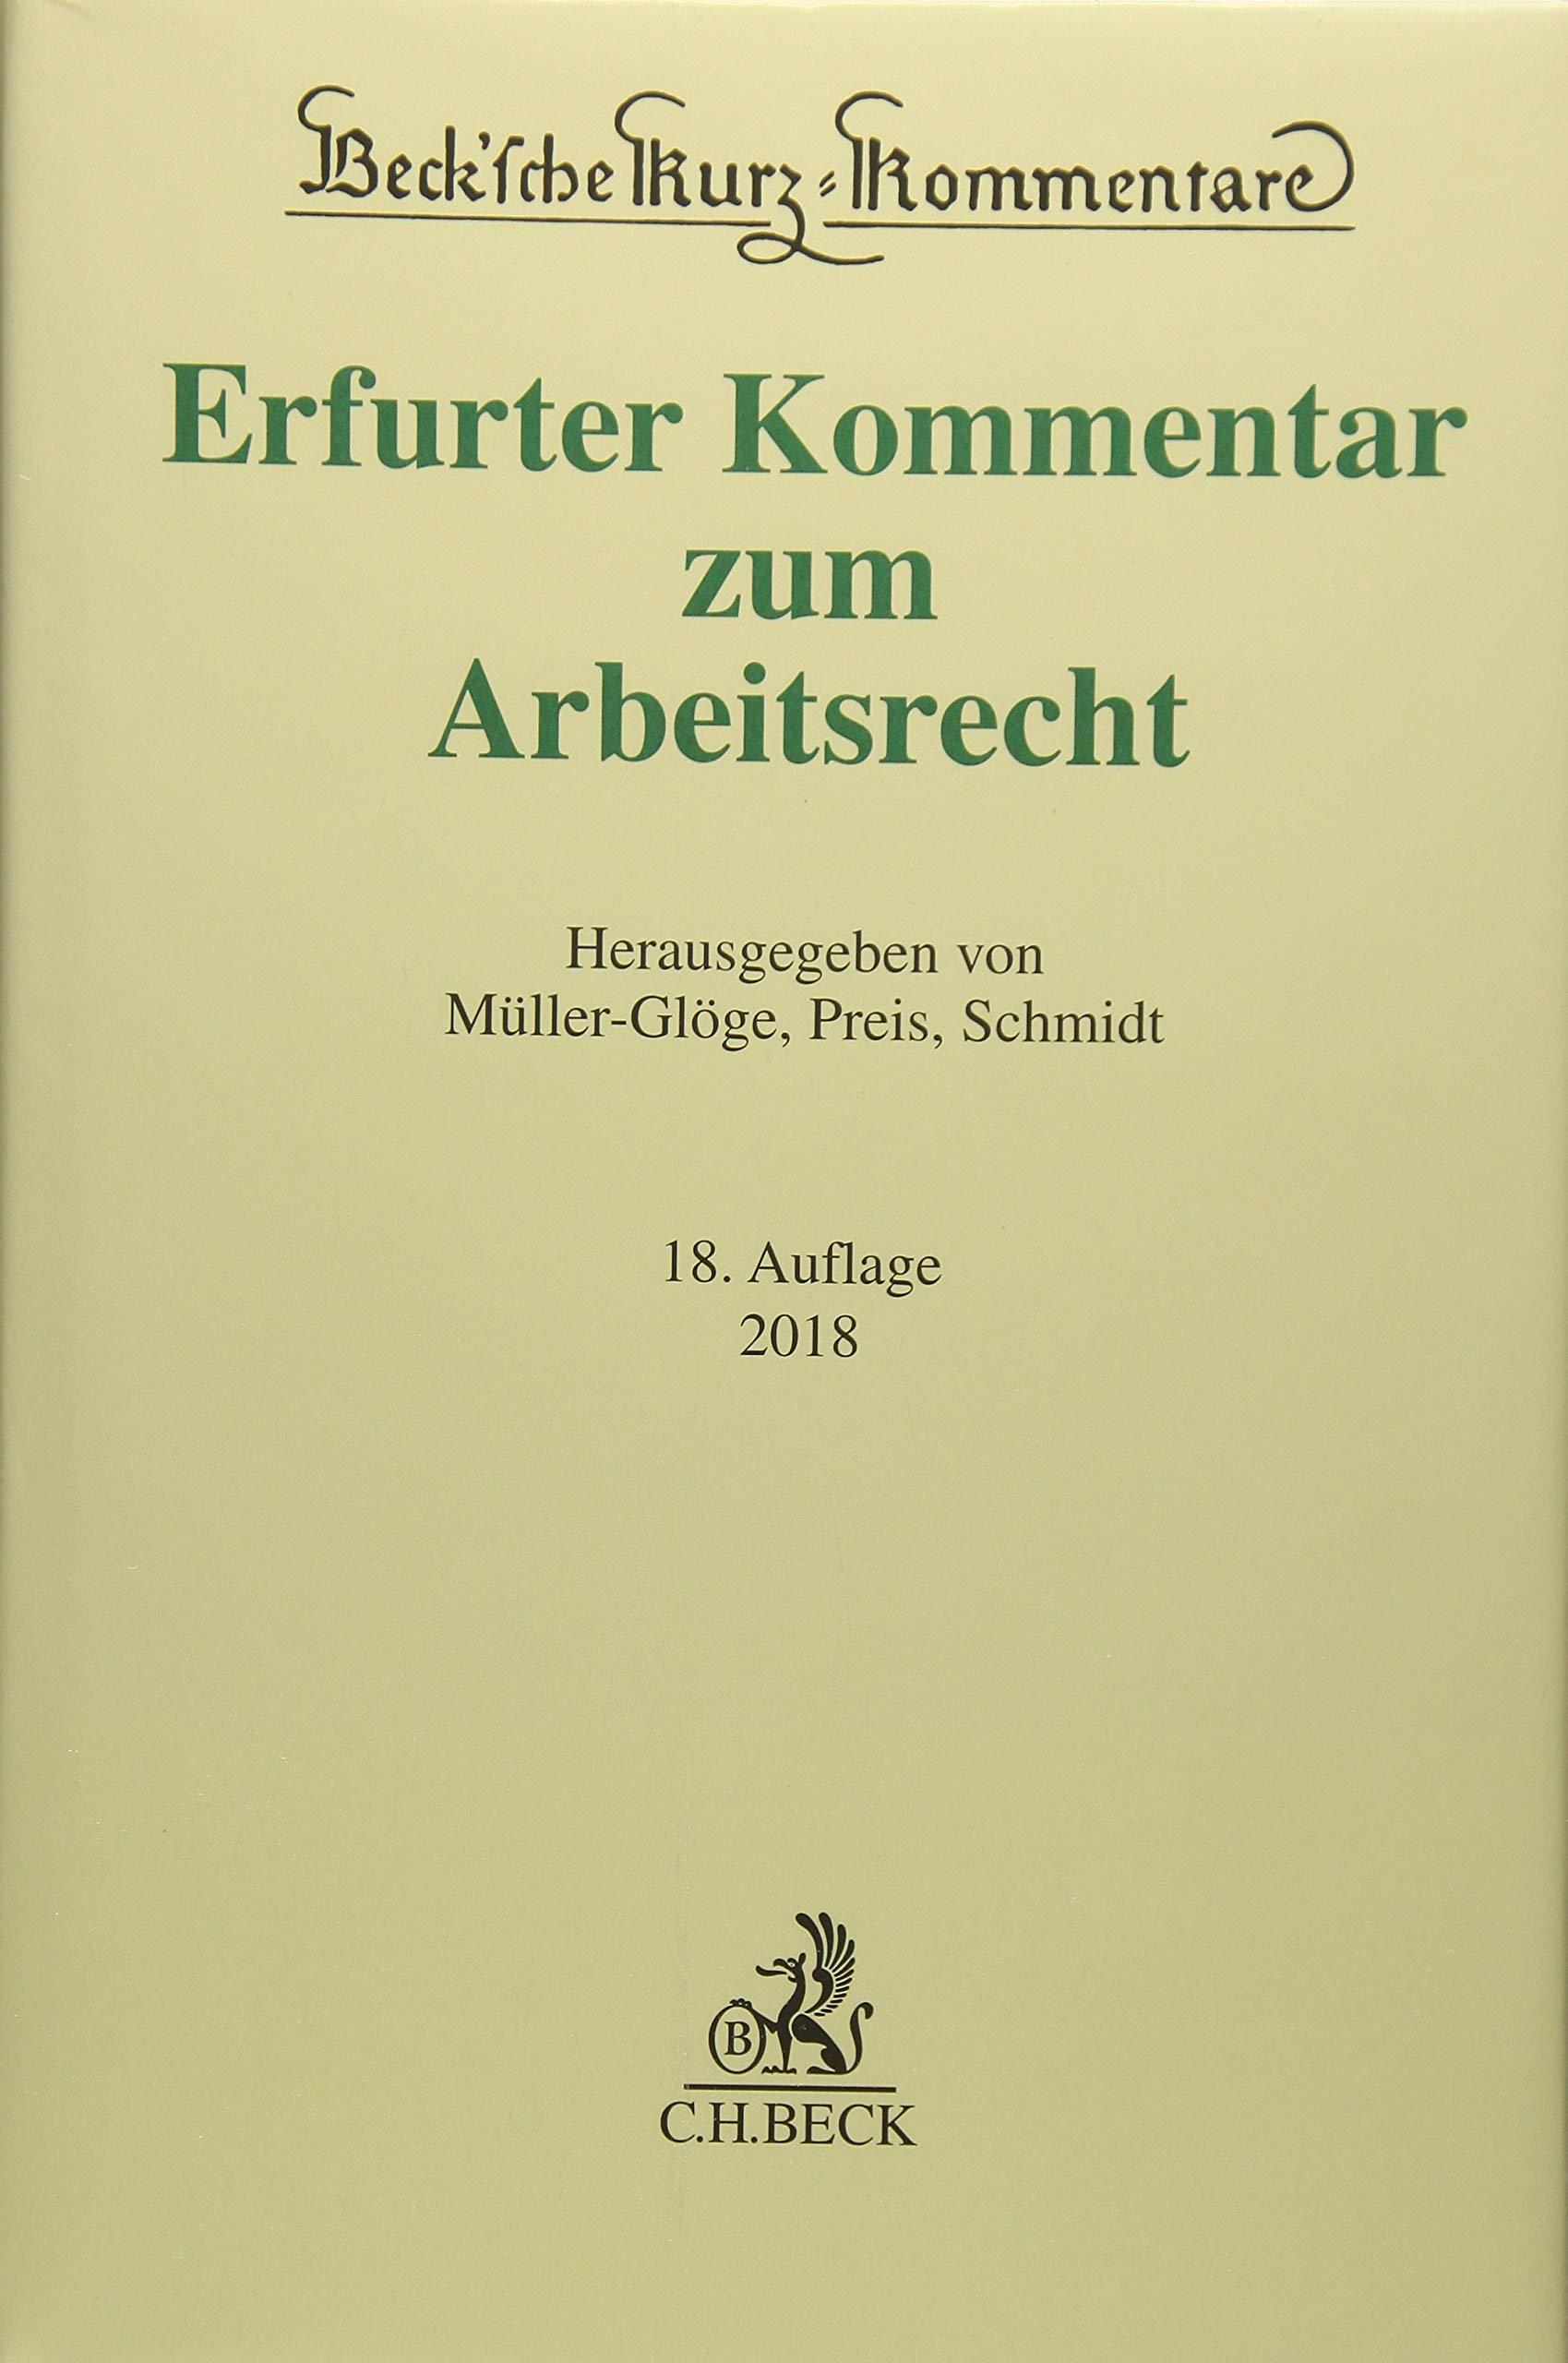 Erfurter Kommentar Zum Arbeitsrecht Becksche Kurz Kommentare Band